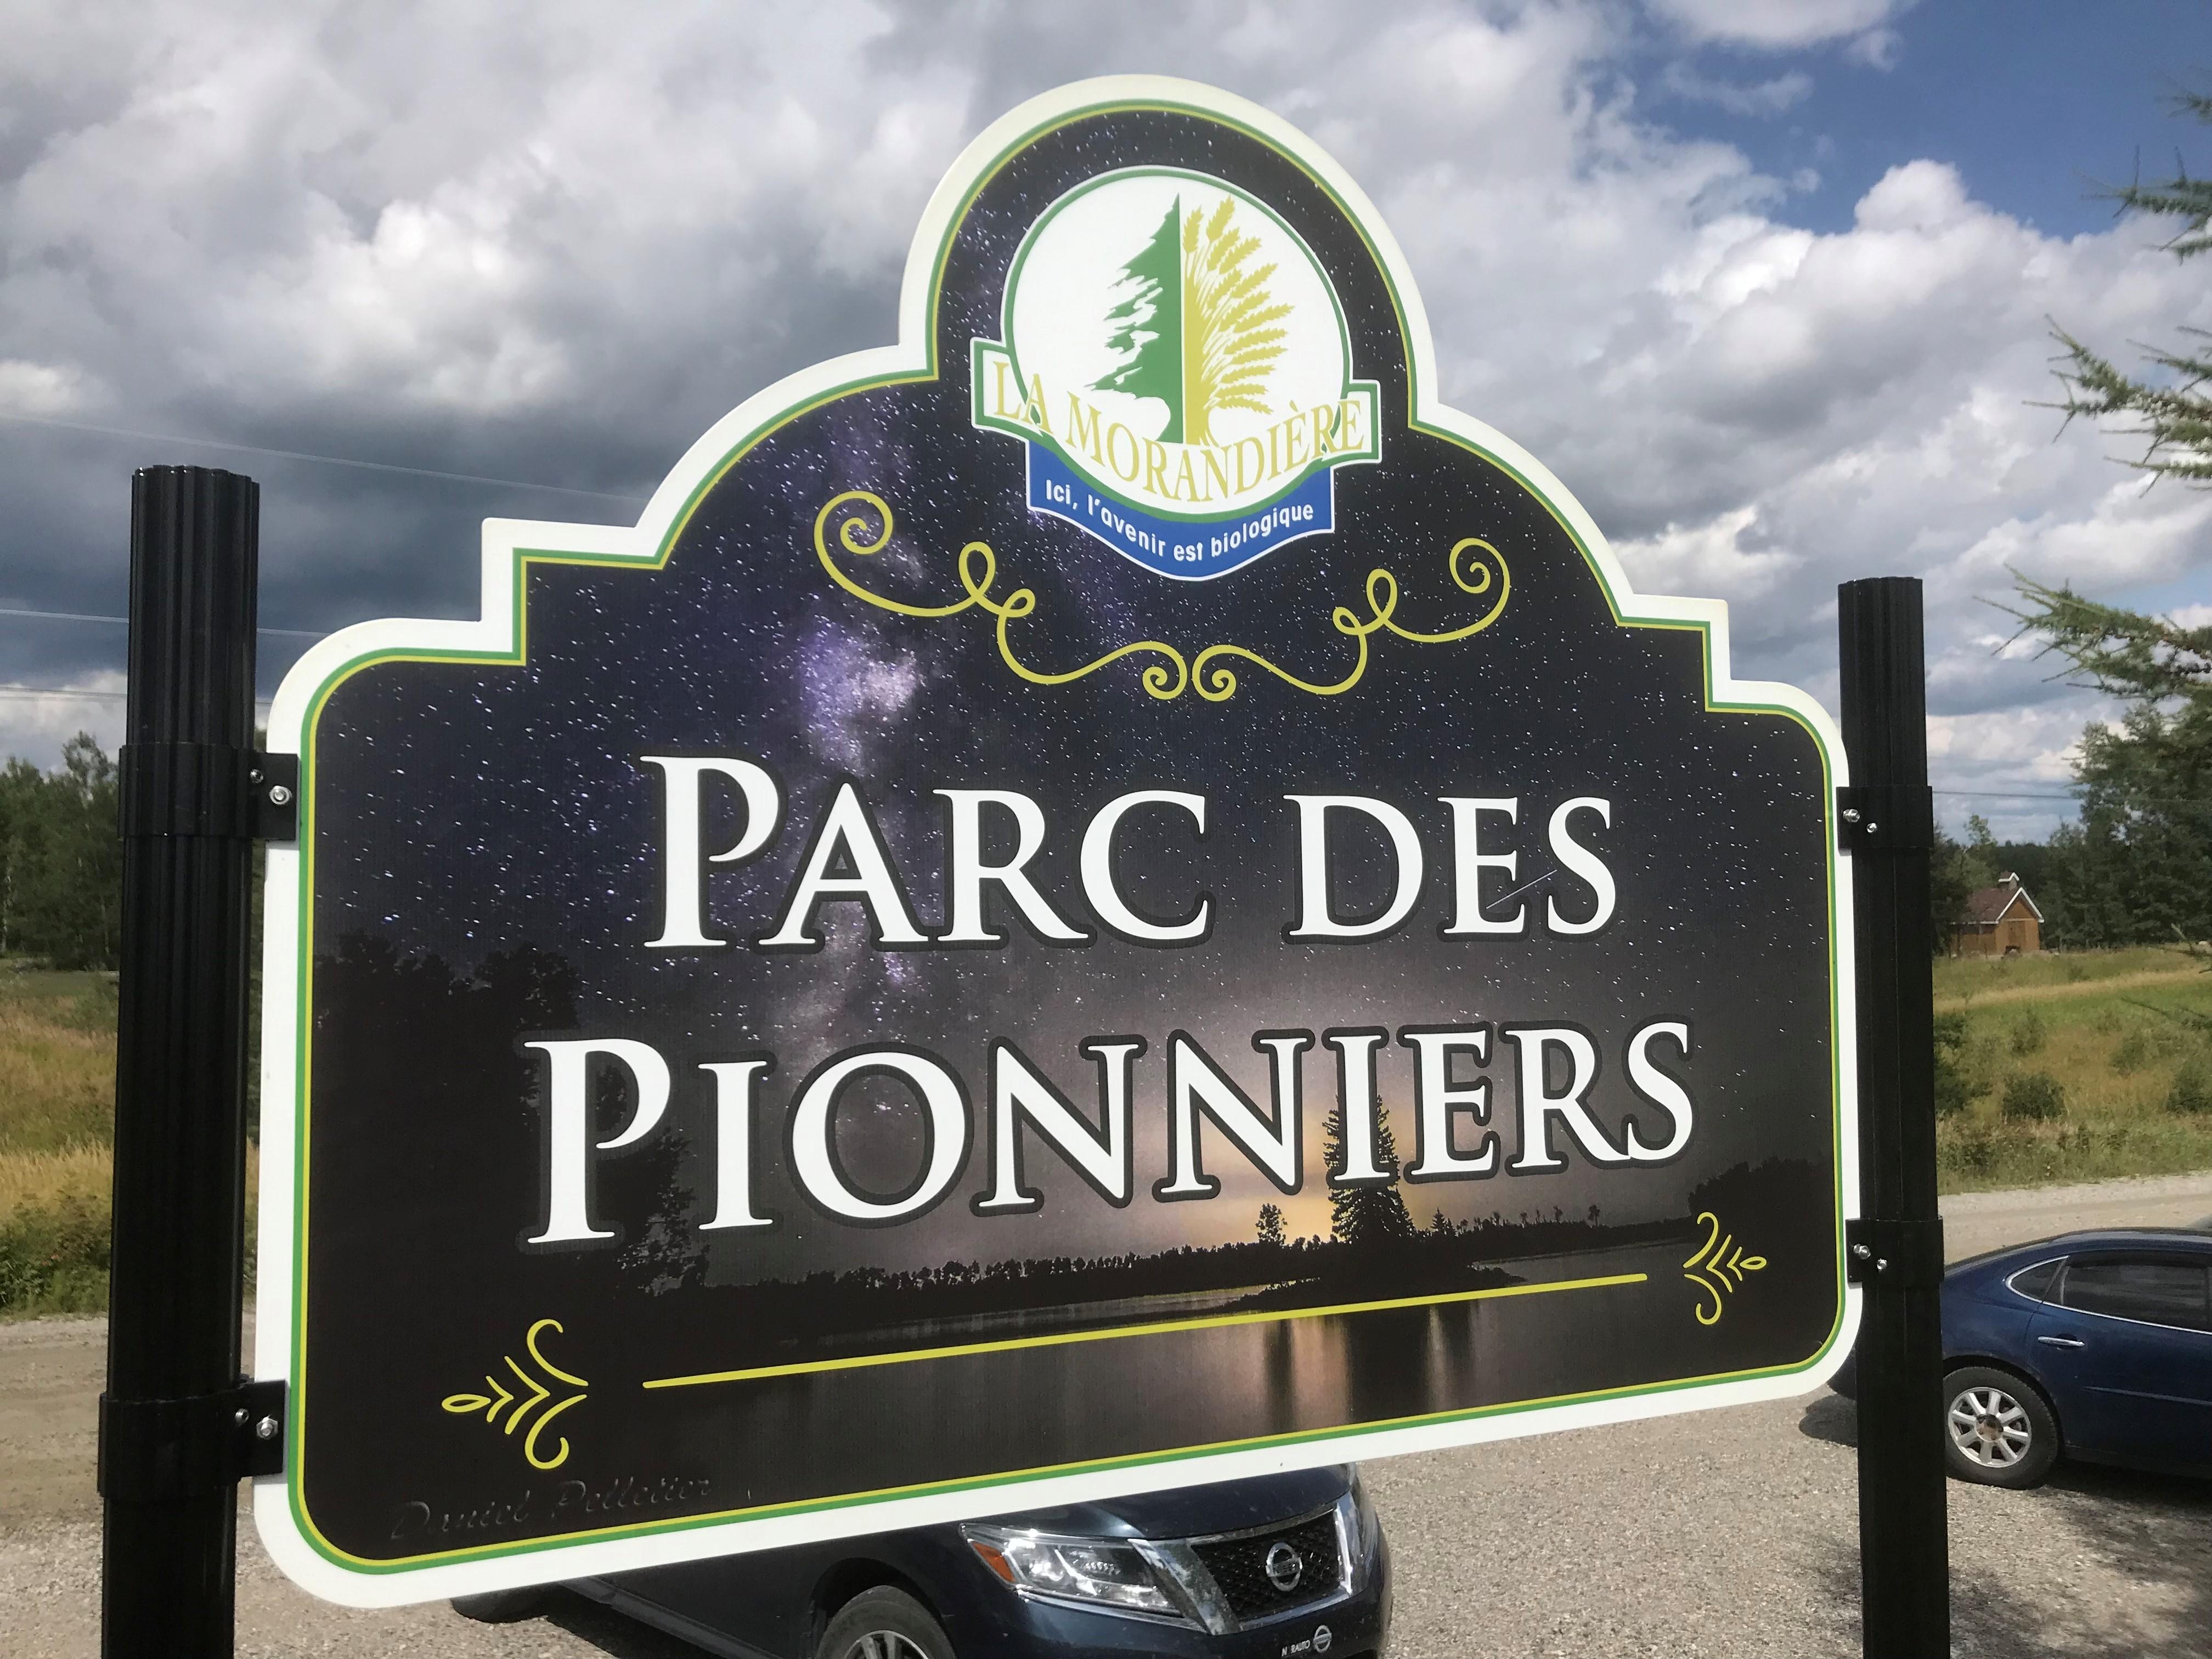 Parc Pionniers La Morandière Affiche